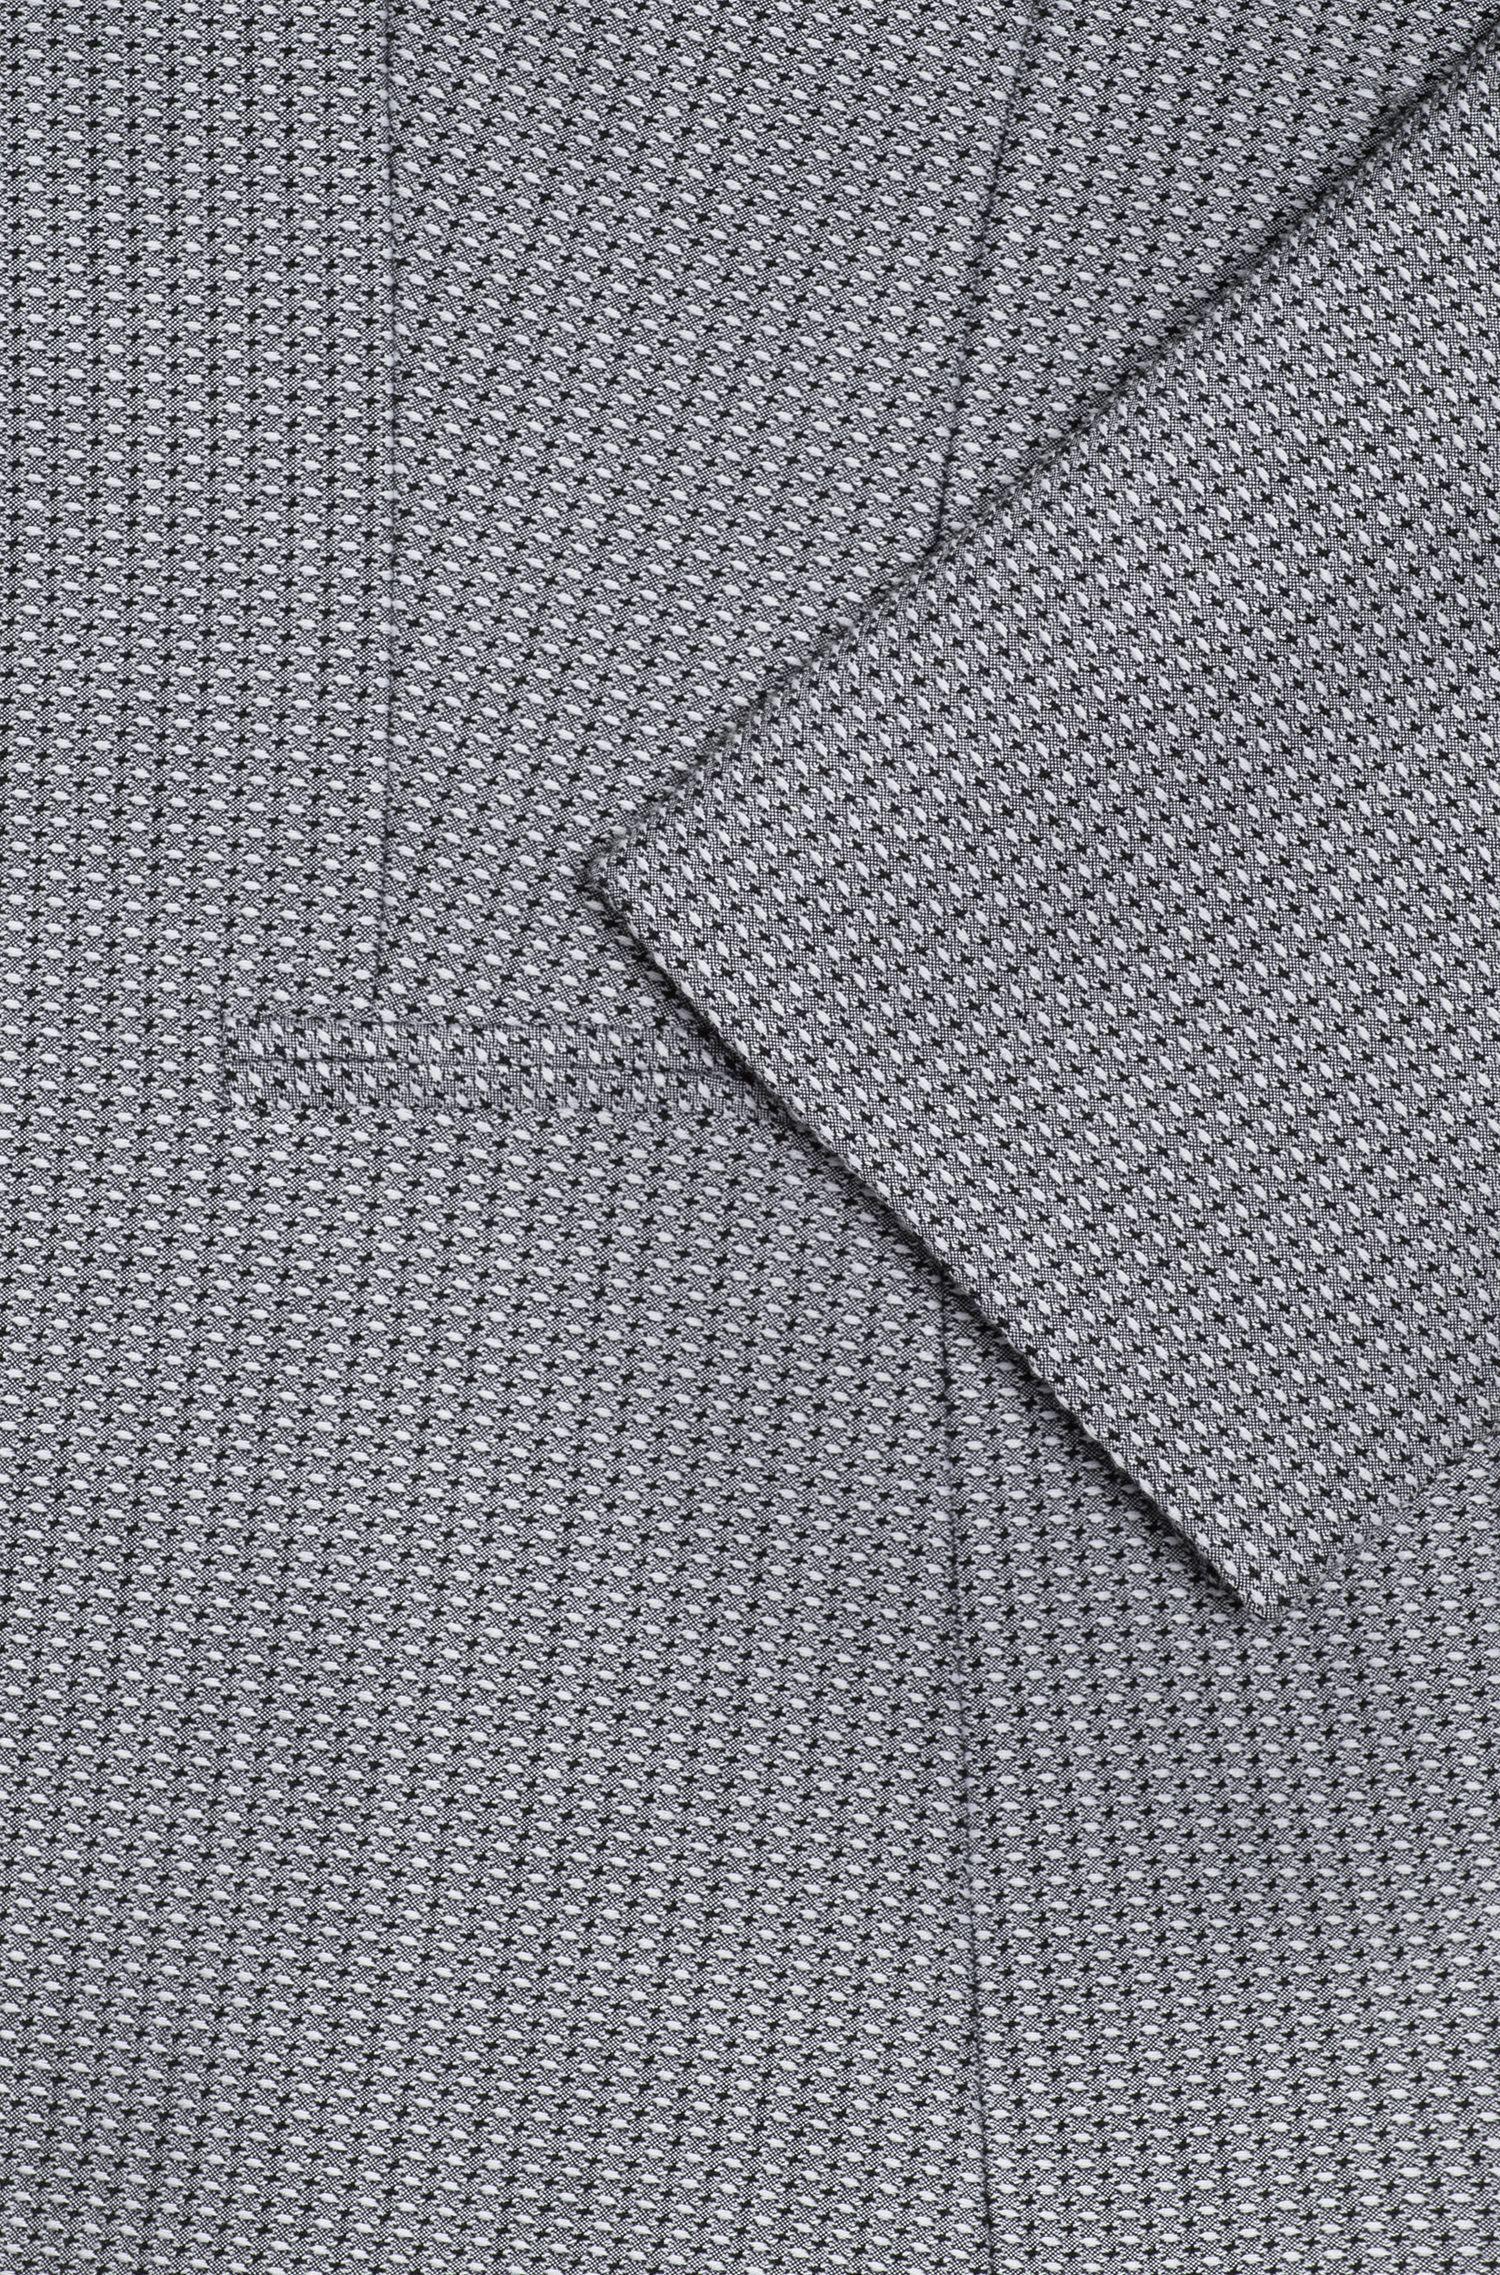 Giacca slim fit in tessuto elastico tinto in filo